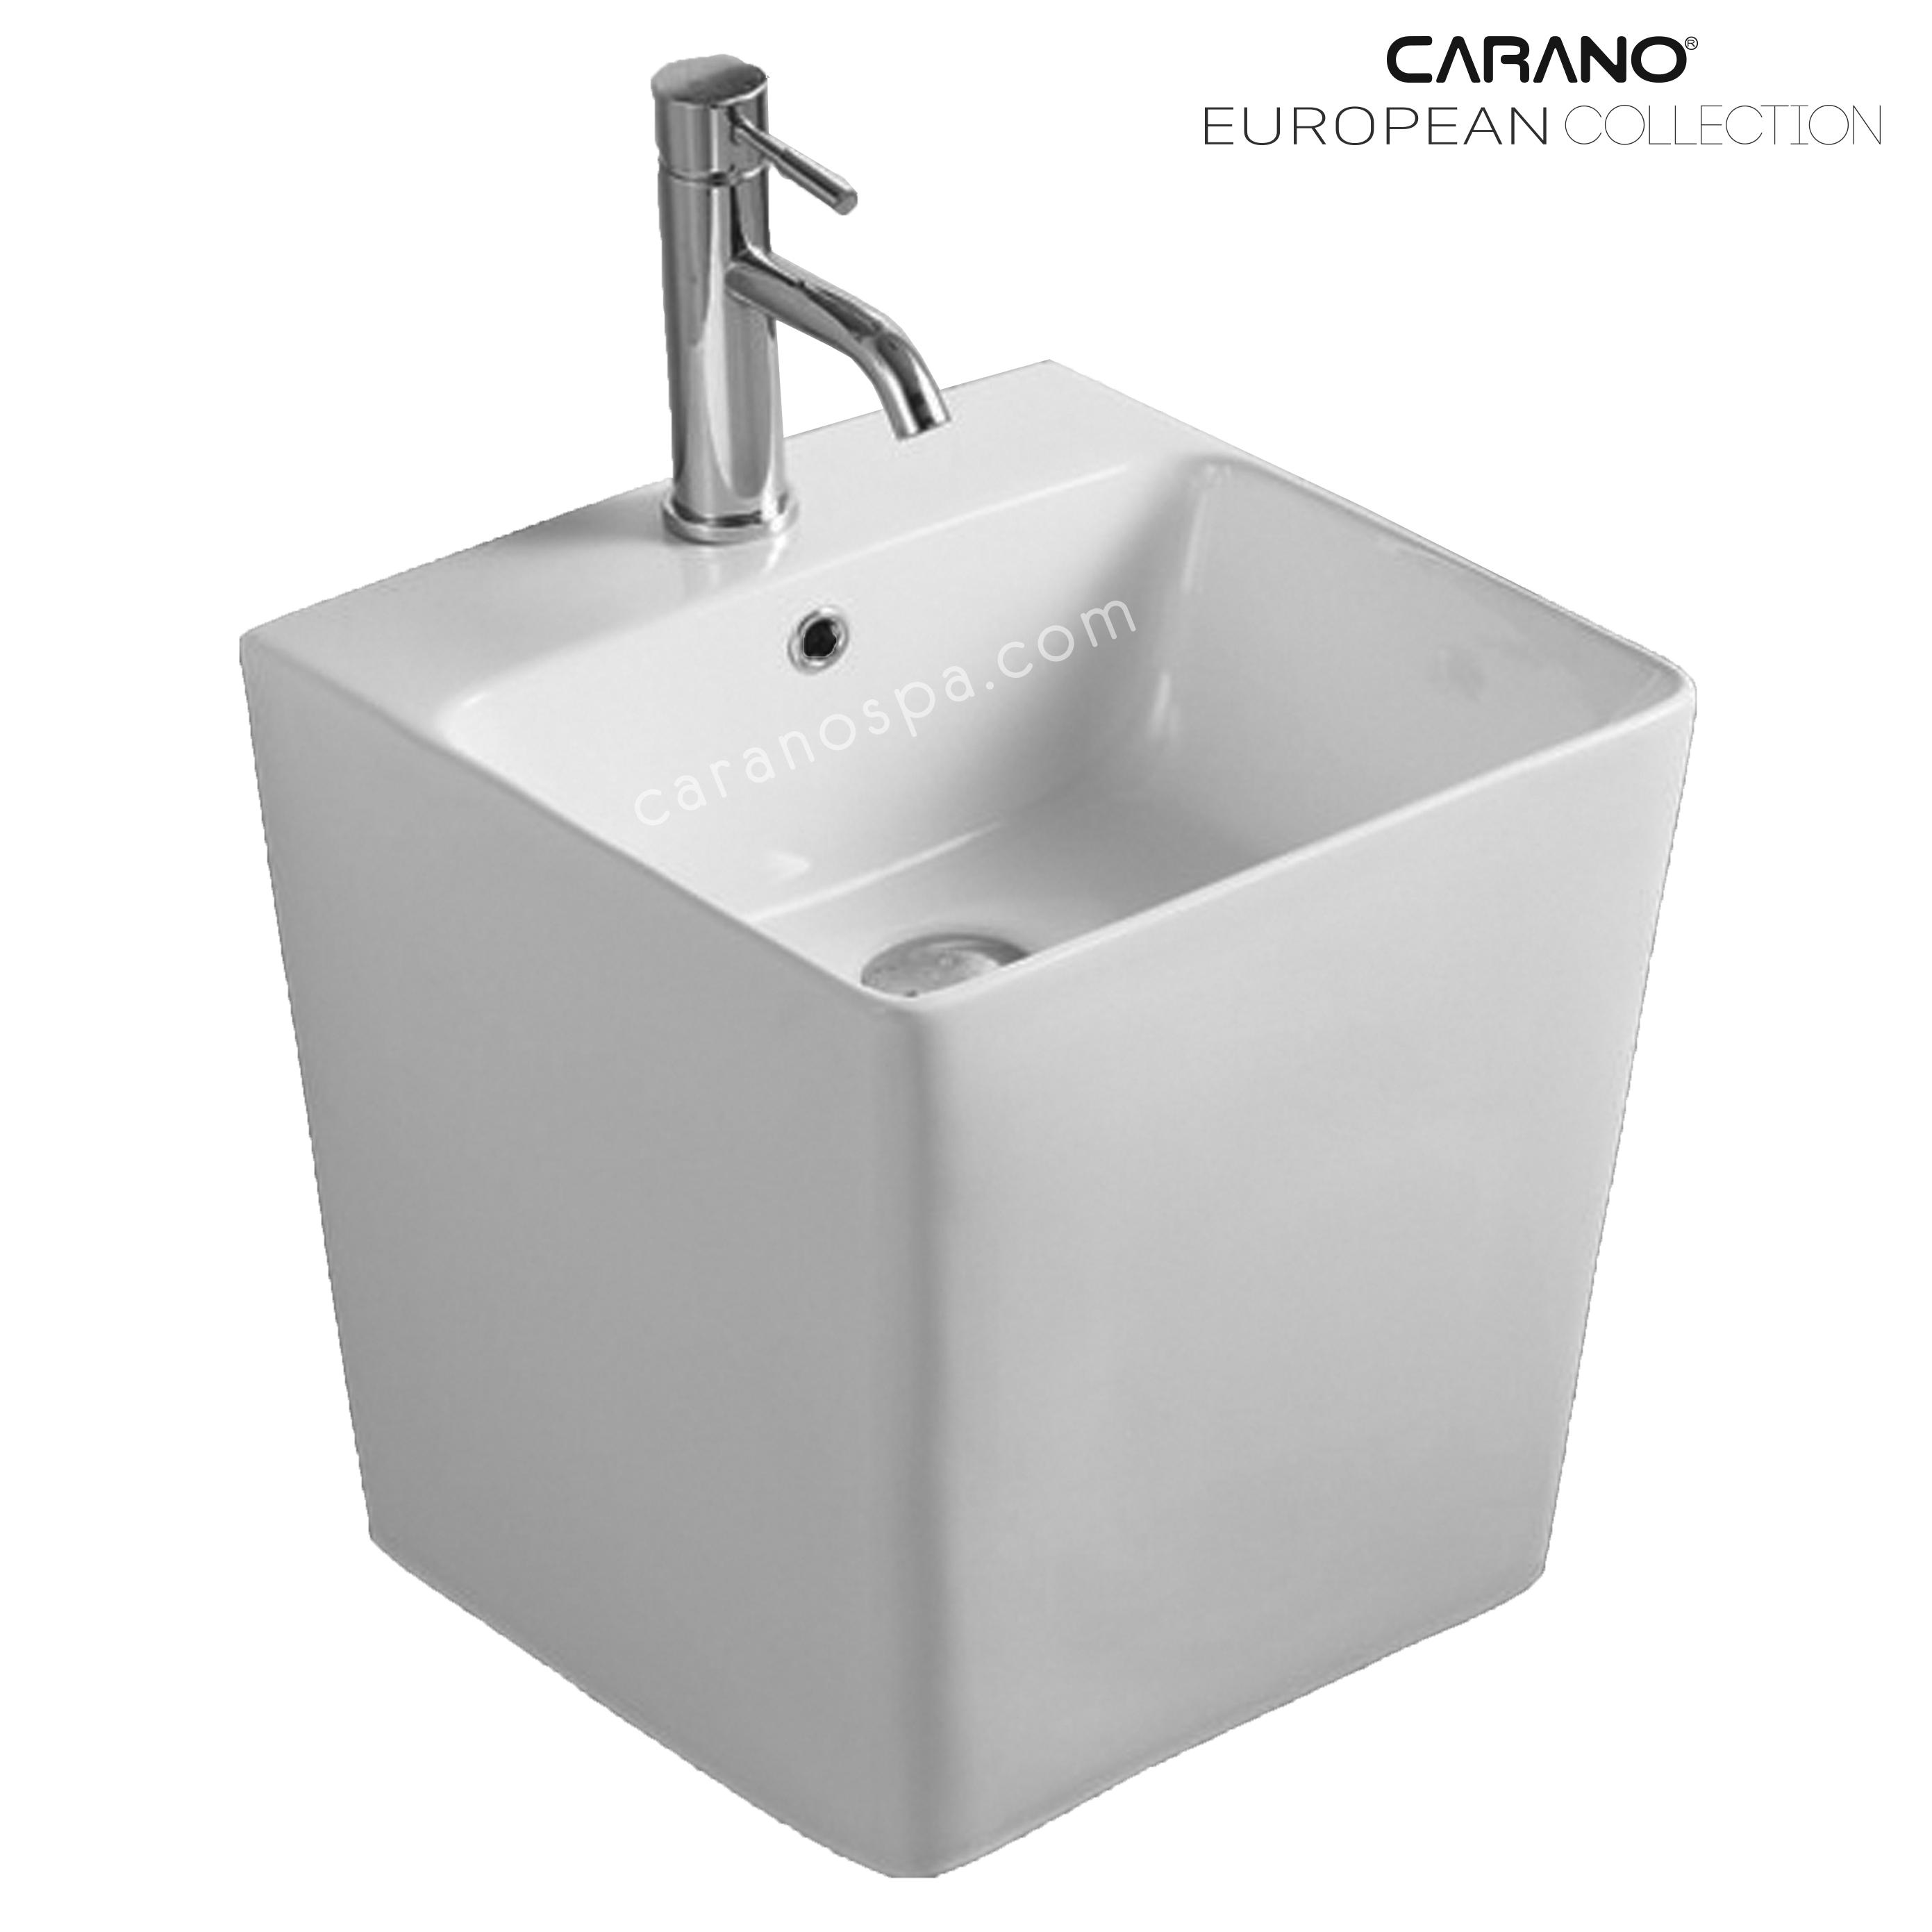 CHẬU RỬA CARANO ĐẶT BÀN LS6400 (lavabo model: LS6400)